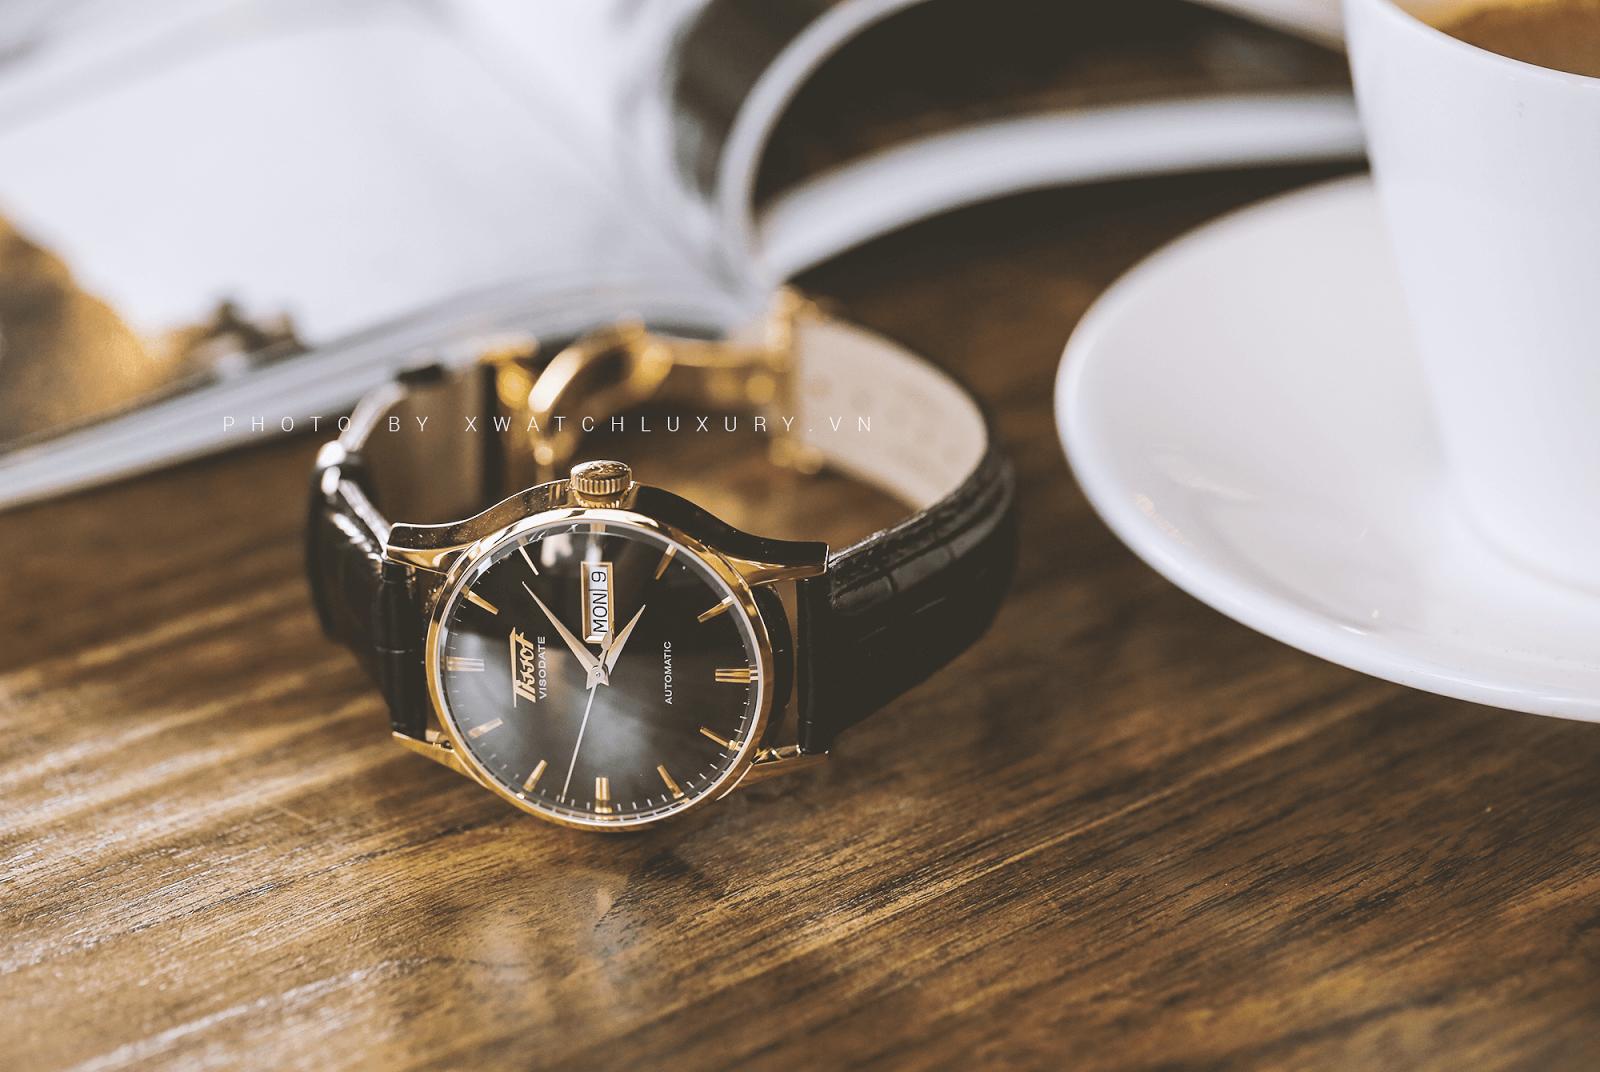 5 kiểu đồng hồ hàng hiệu nhất định phải có trong tủ đồ của bạn